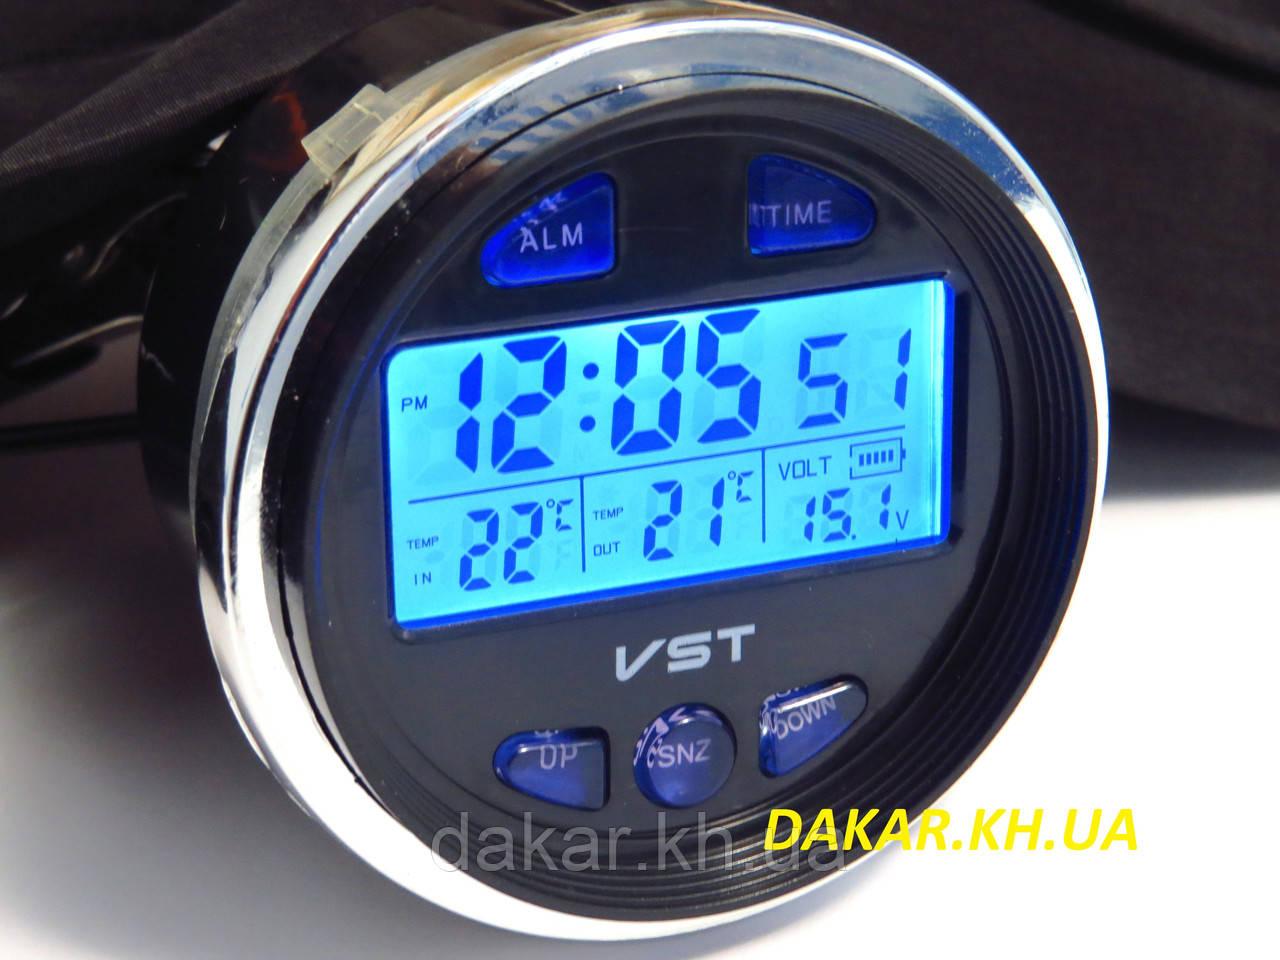 Купить часы vst 7042v в казахстане часы наручные 1005 led бел корп